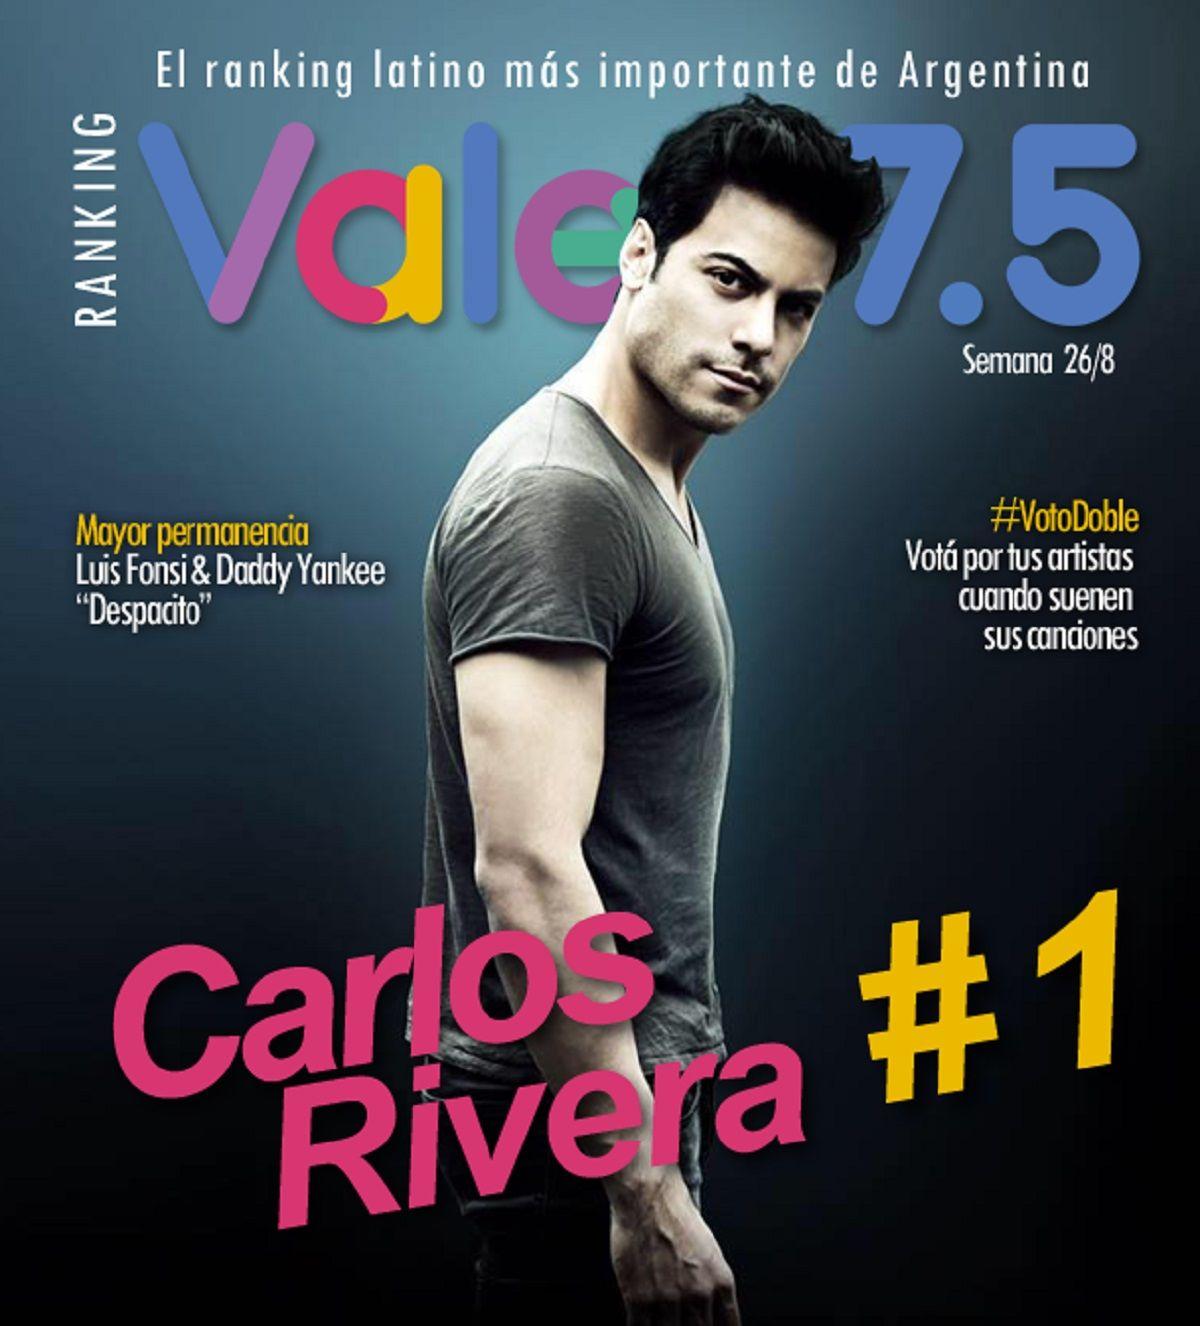 Carlos Rivera y Gente de zona, imparables en el Ranking Vale